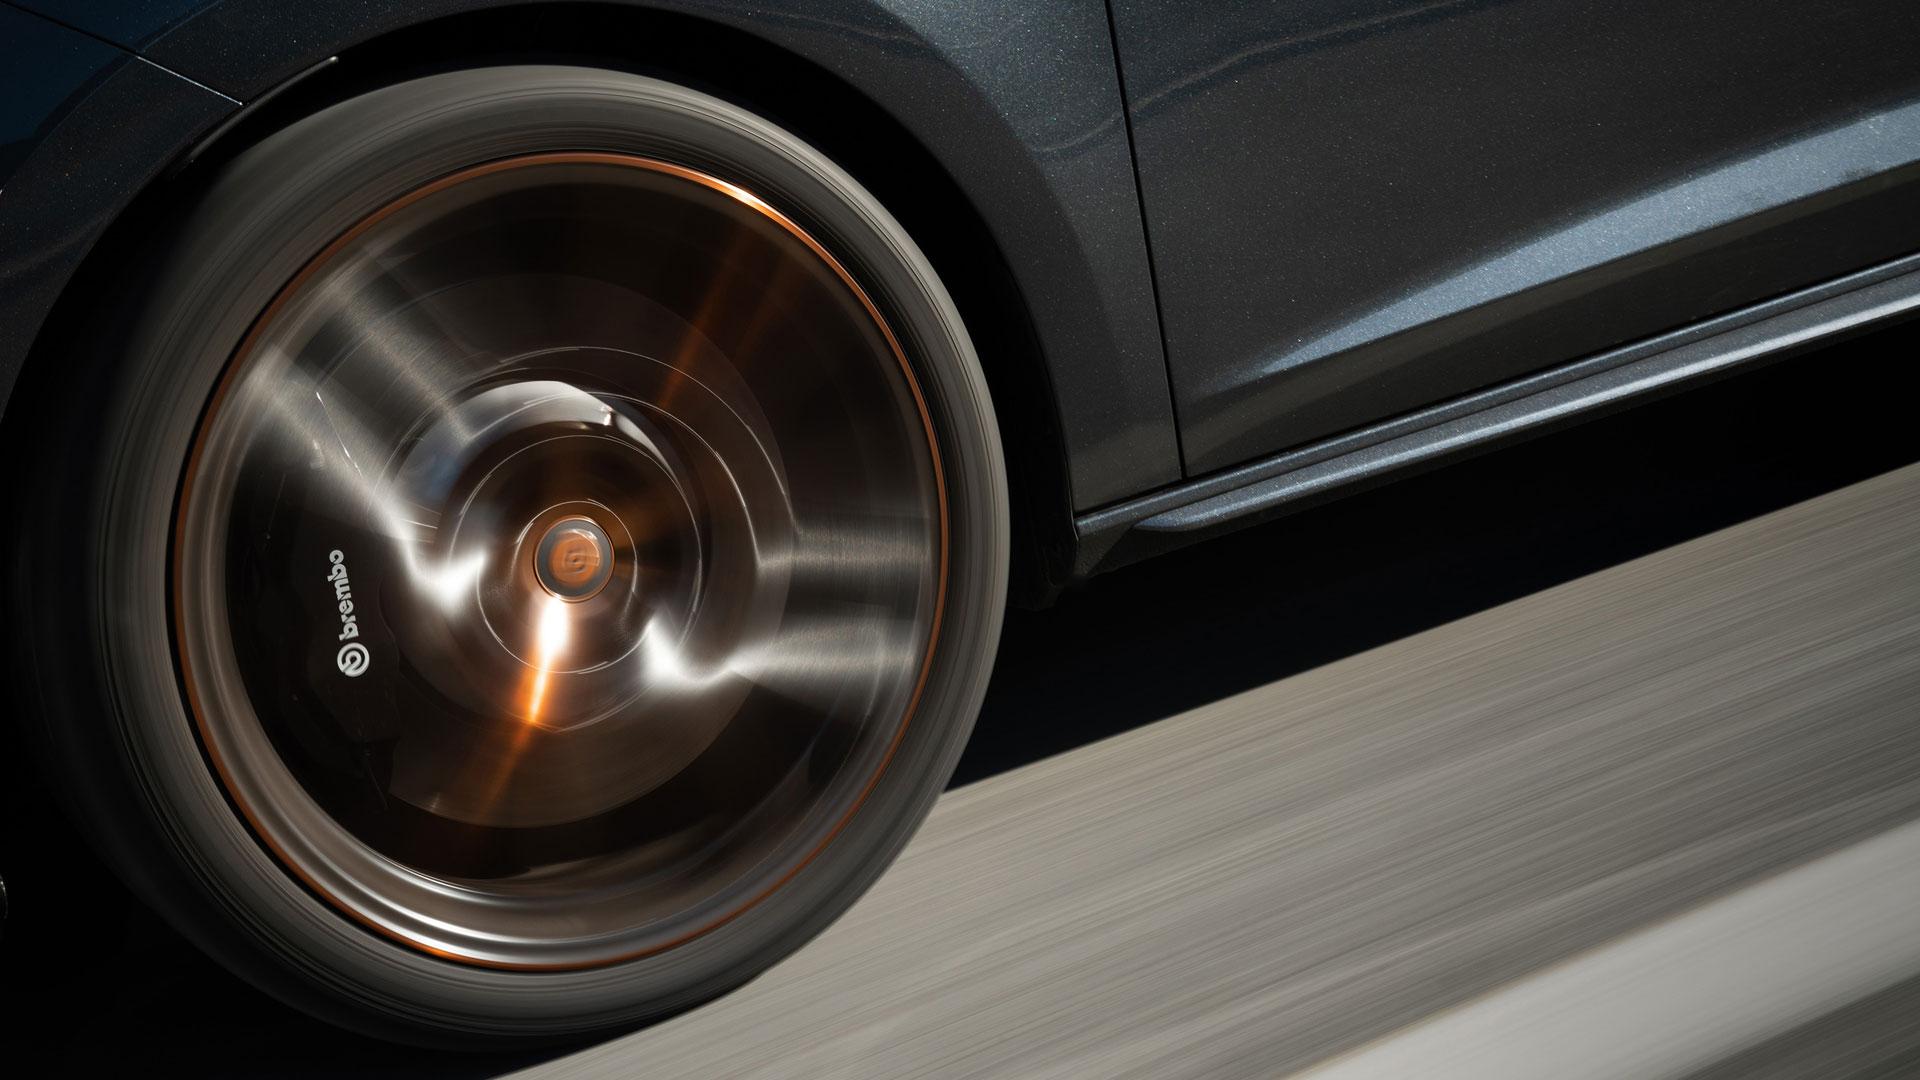 Leon Cupra R ST Brembo brakes